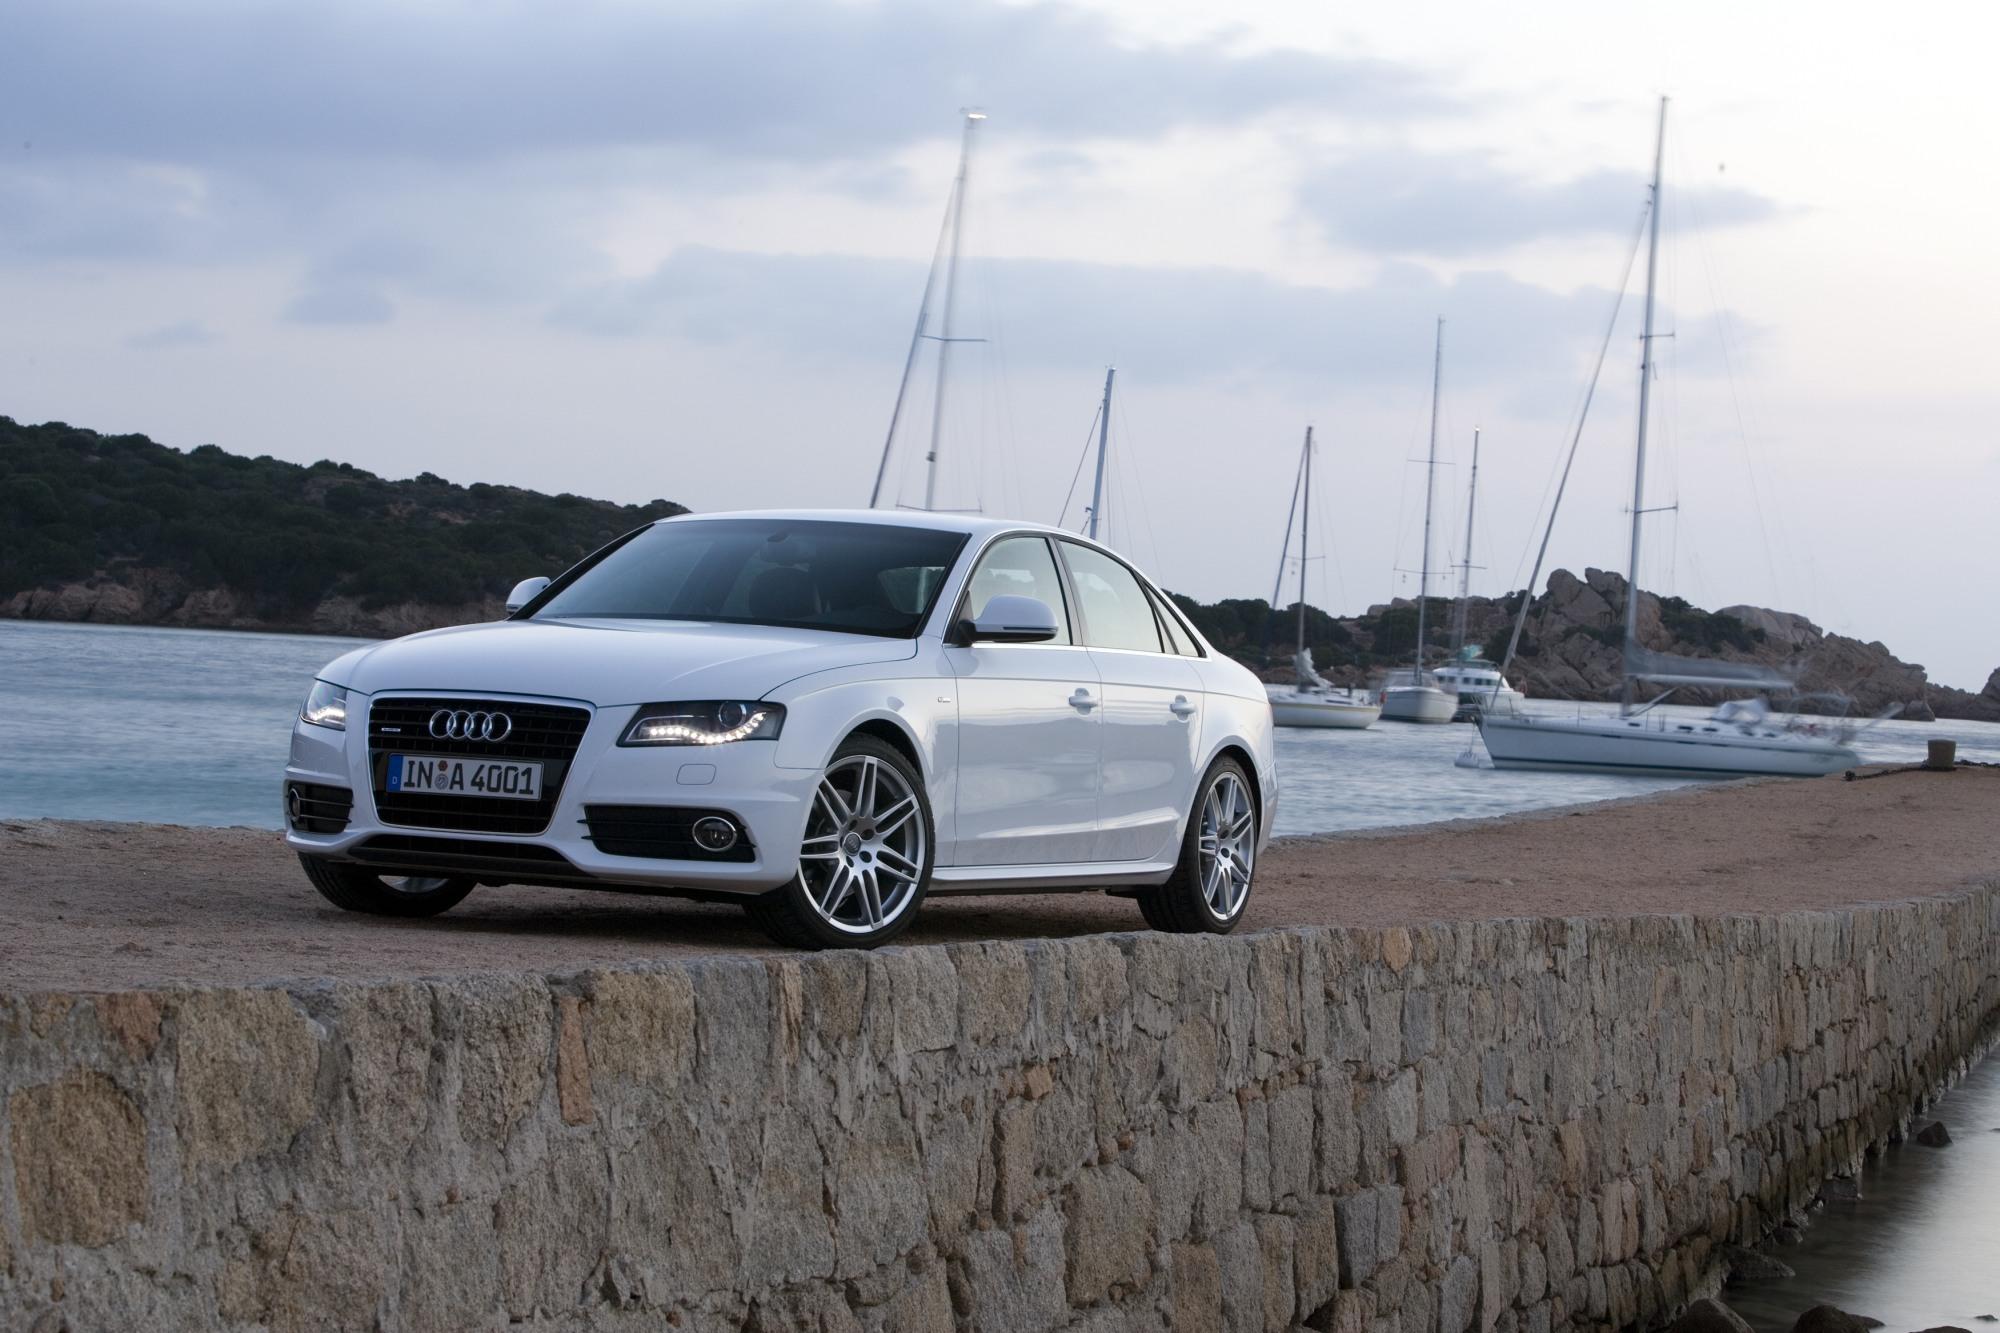 Audi A4 Hd Wallpaper Download